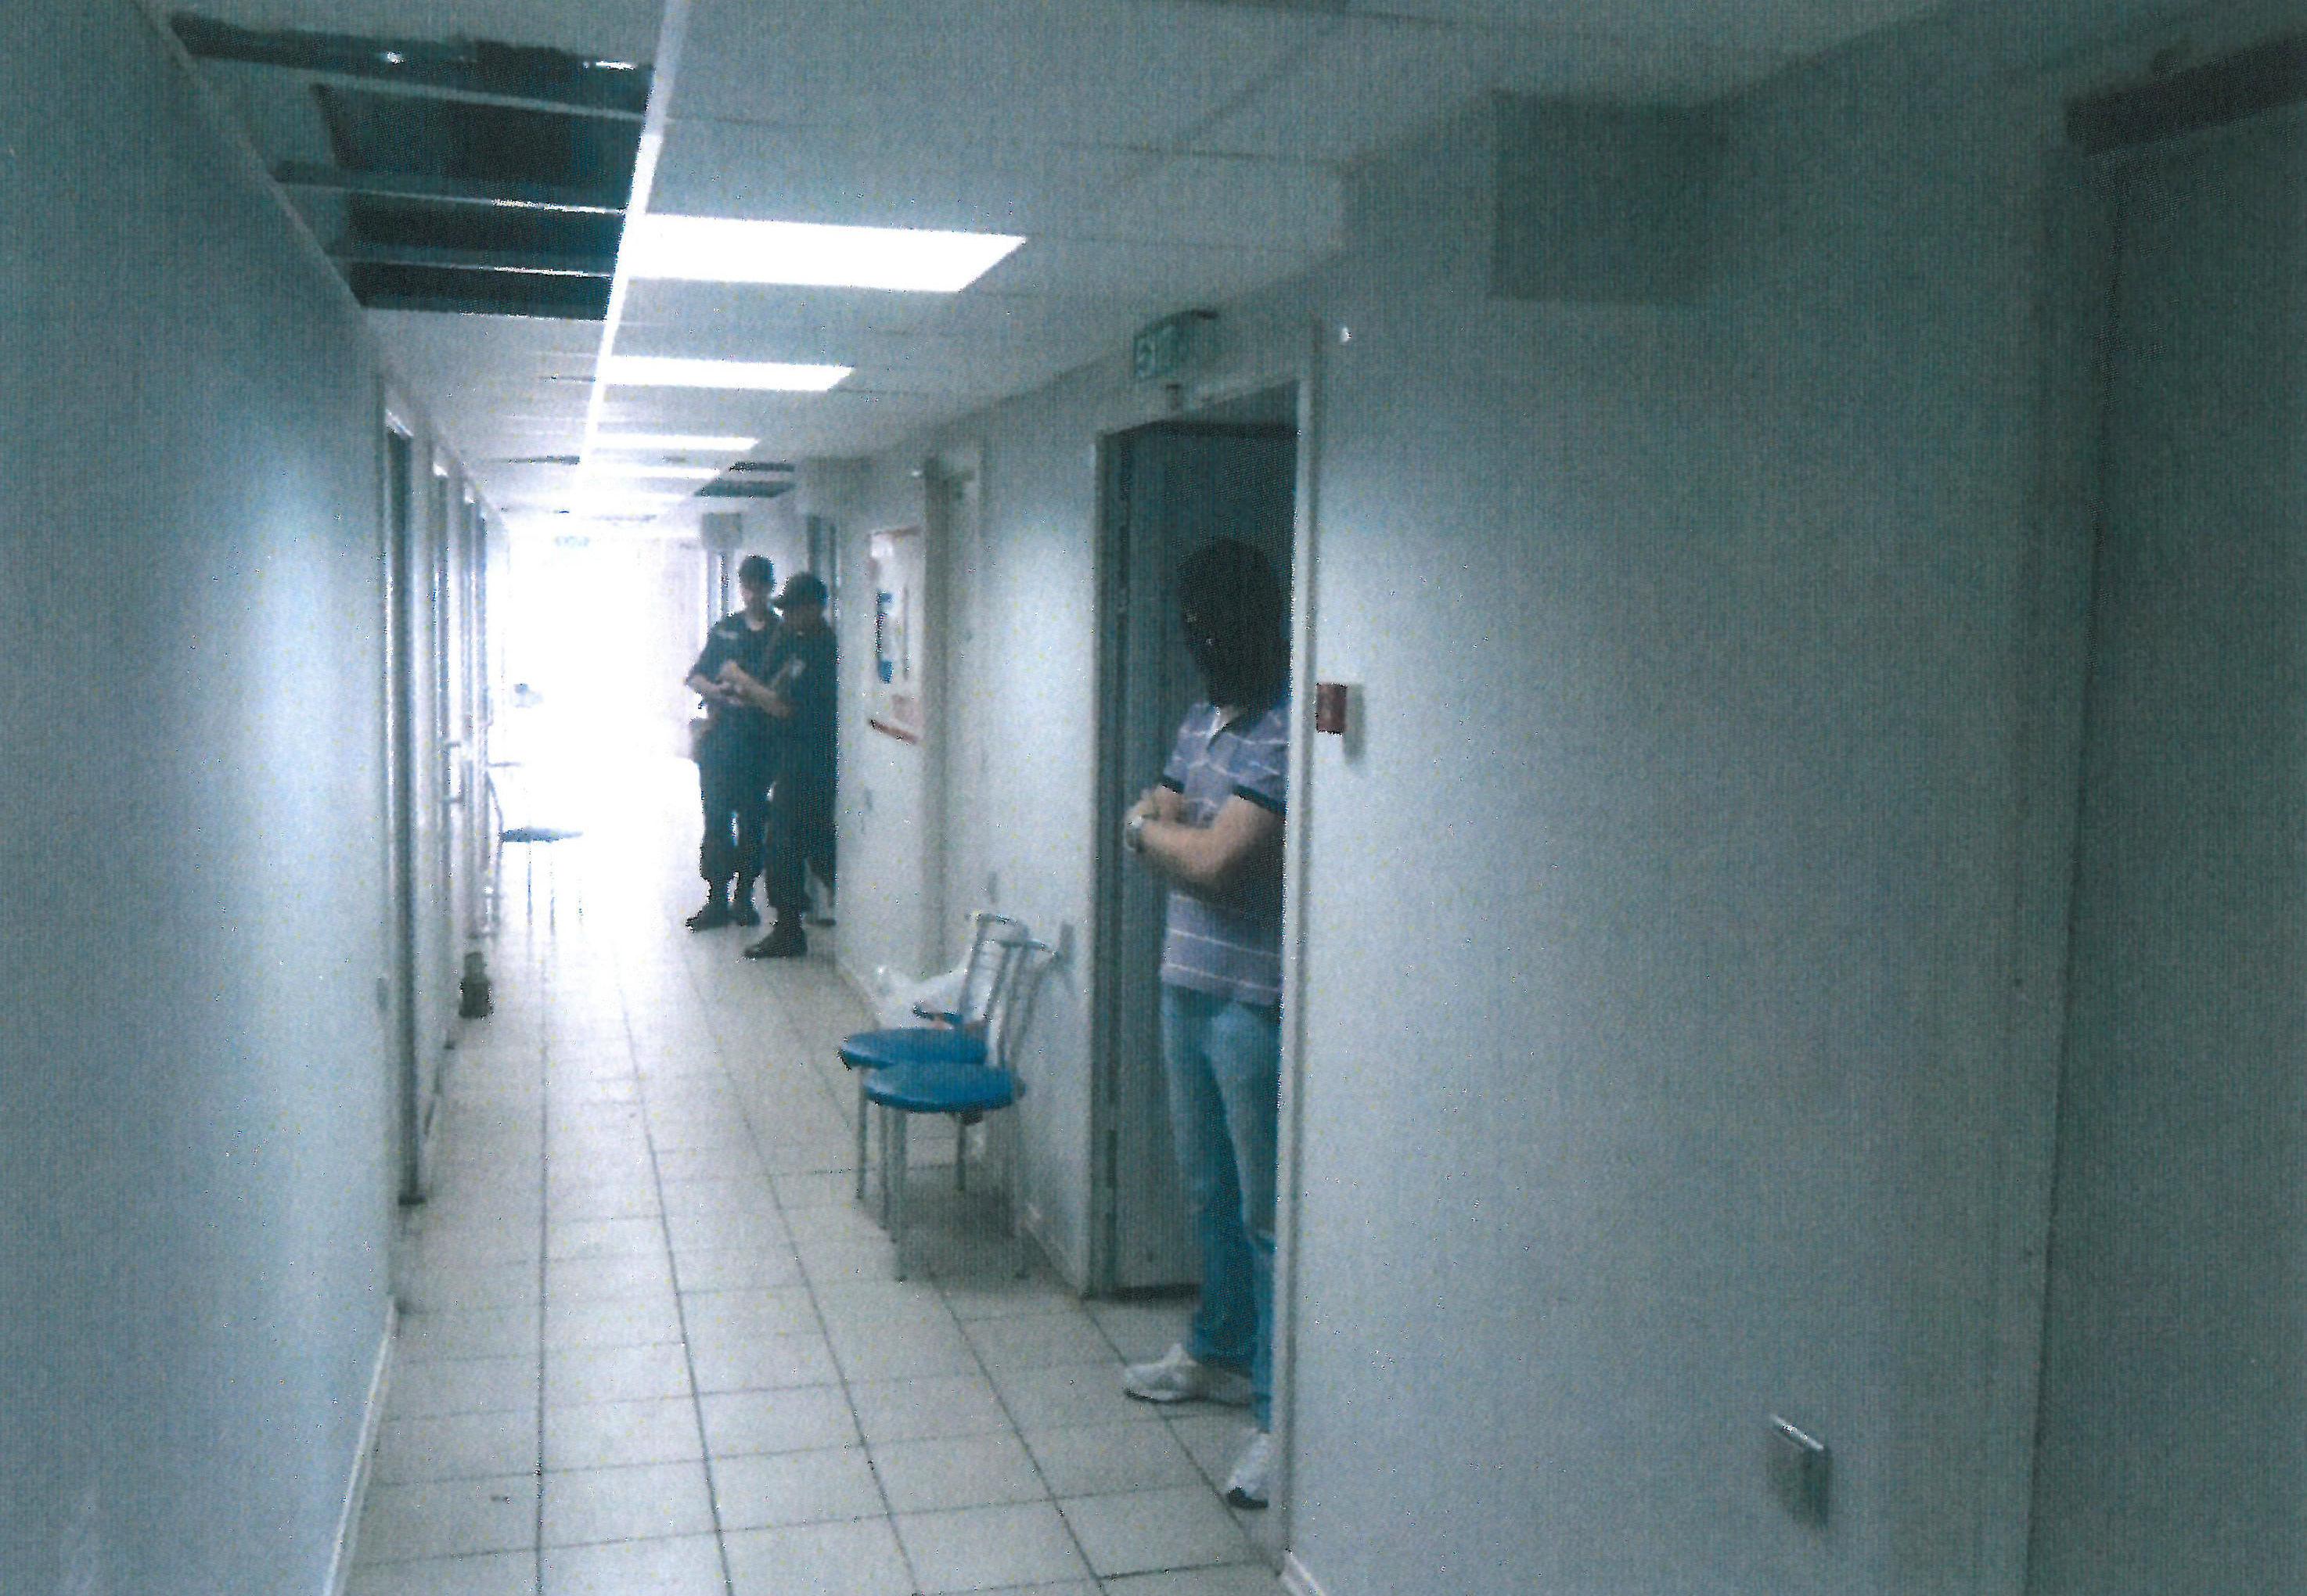 Corredor da prisão na área do aeroporto de Mariupol